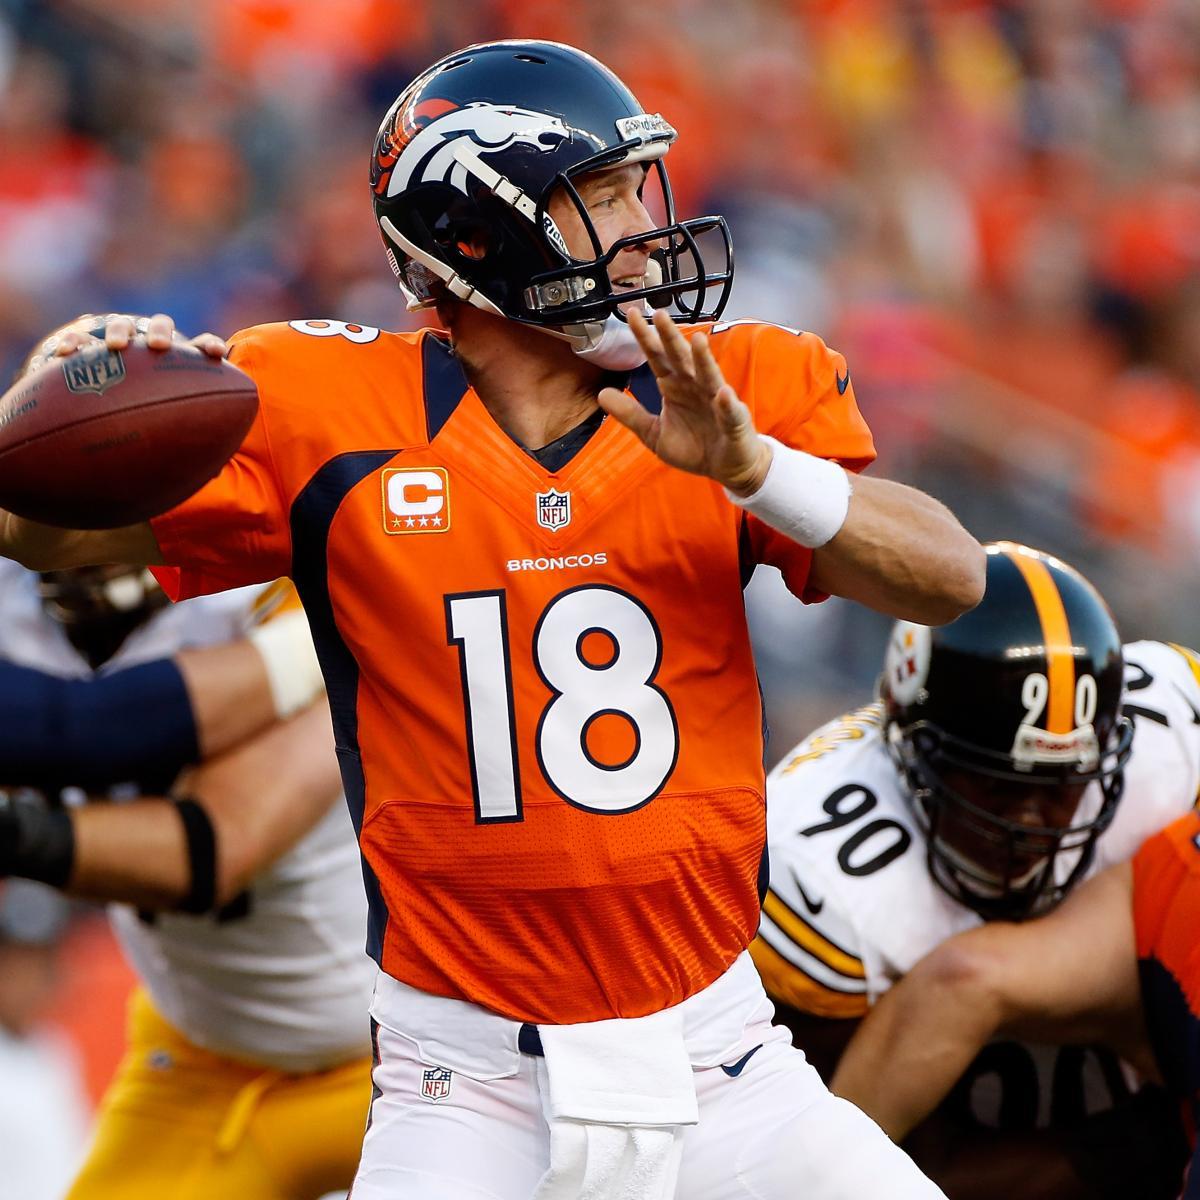 Denver To Hawaii: Peyton Manning: Week 1 Performance Makes Denver Broncos